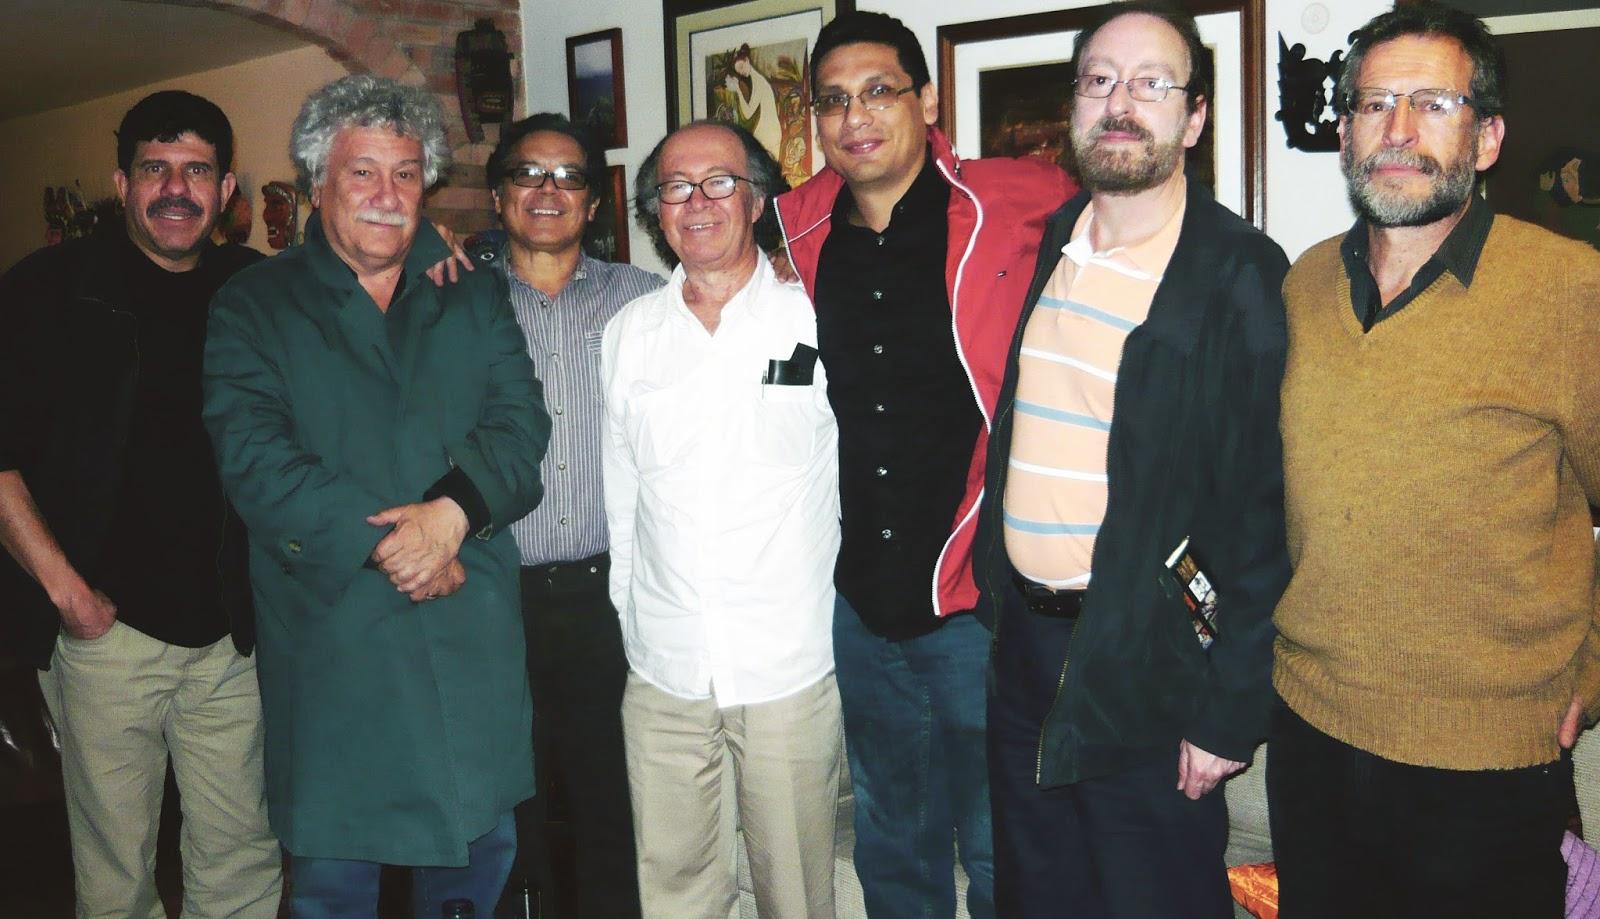 Juan Manuel Roca, José Ángel Leyva y amigos